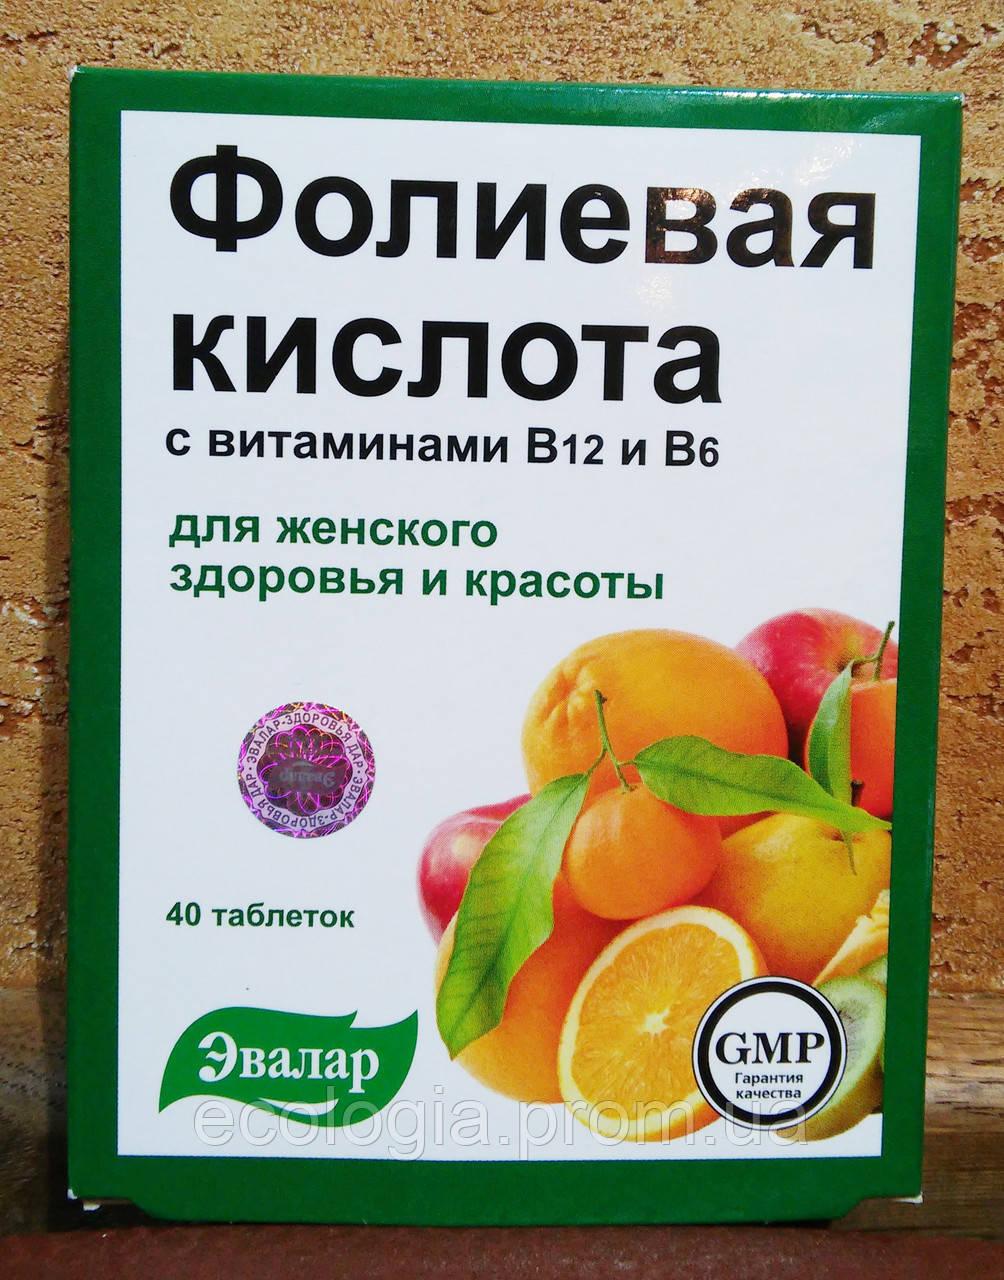 Кислота Фолиевая с витаминами B 12 и B 6 Эвалар всем! для здоровья и красоты, 40 табл.